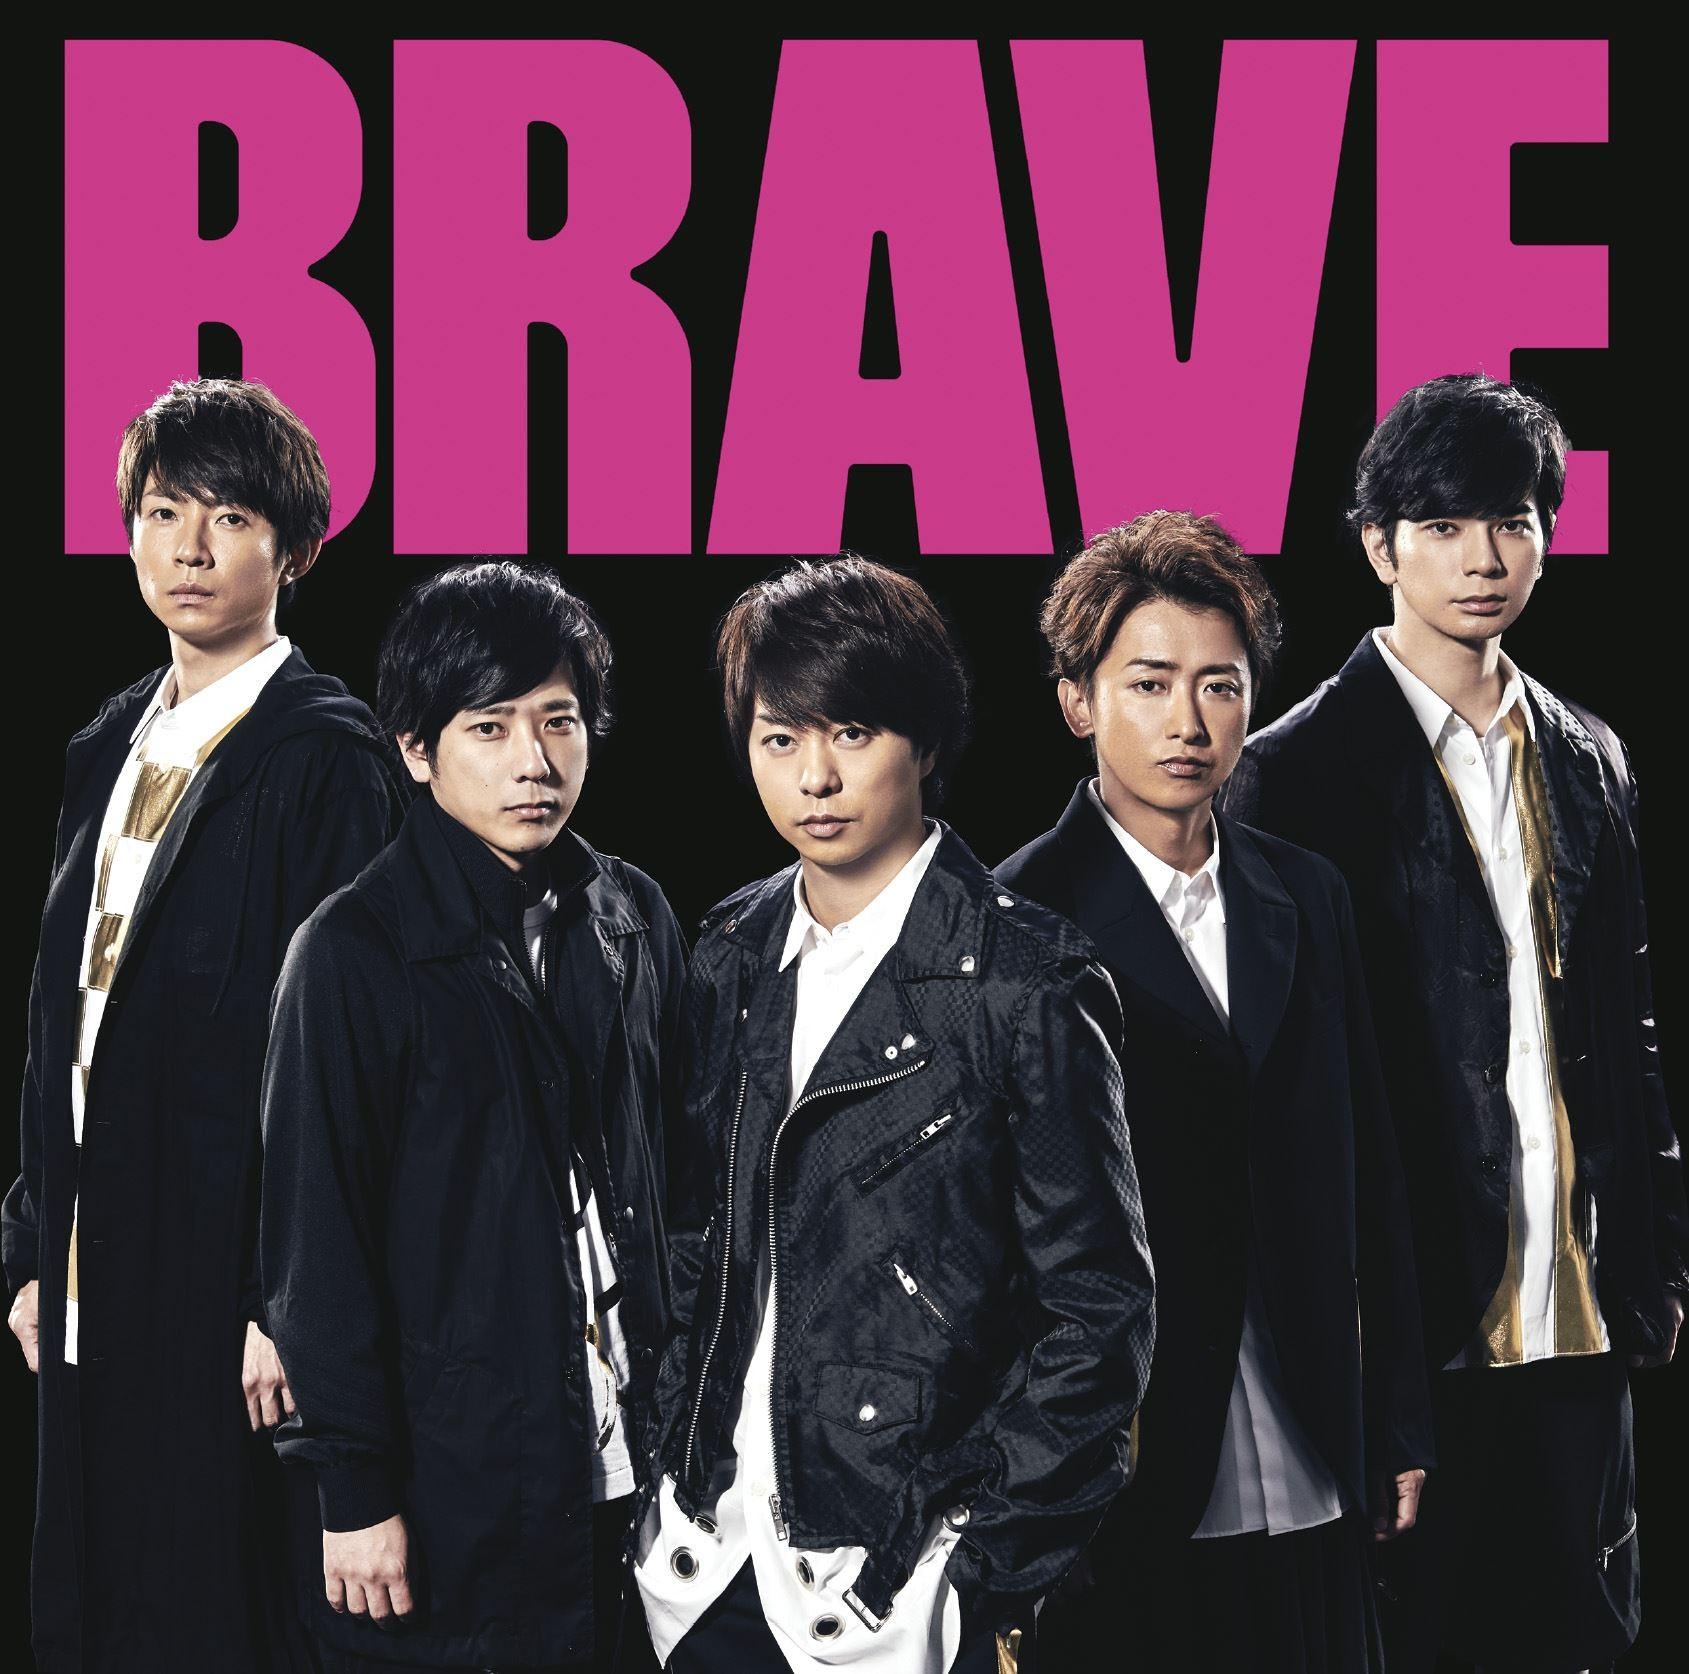 嵐 (Arashi) – BRAVE [FLAC + MP3 320 + Blu-ray ISO] [2019.09.11]